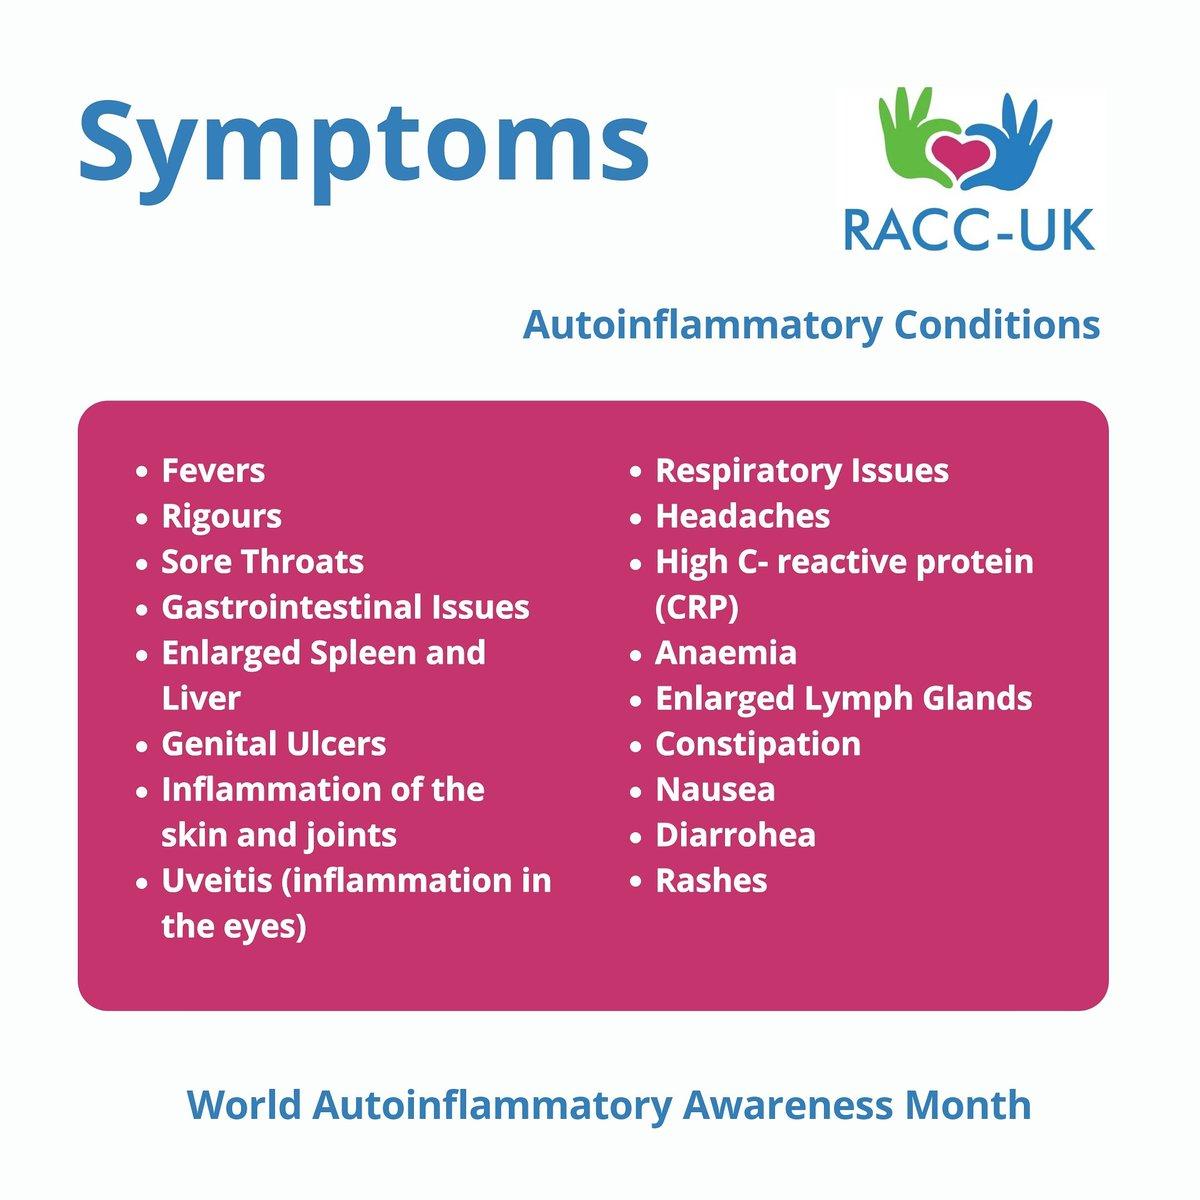 World Autoinflammatory Awareness Month  #racc_uk #rare #rarediseases #AutoinflammatoryAwareness #autoinflammatory #autoinflammatorydisease #awareness #raisingawareness https://t.co/OHqgGguoNR